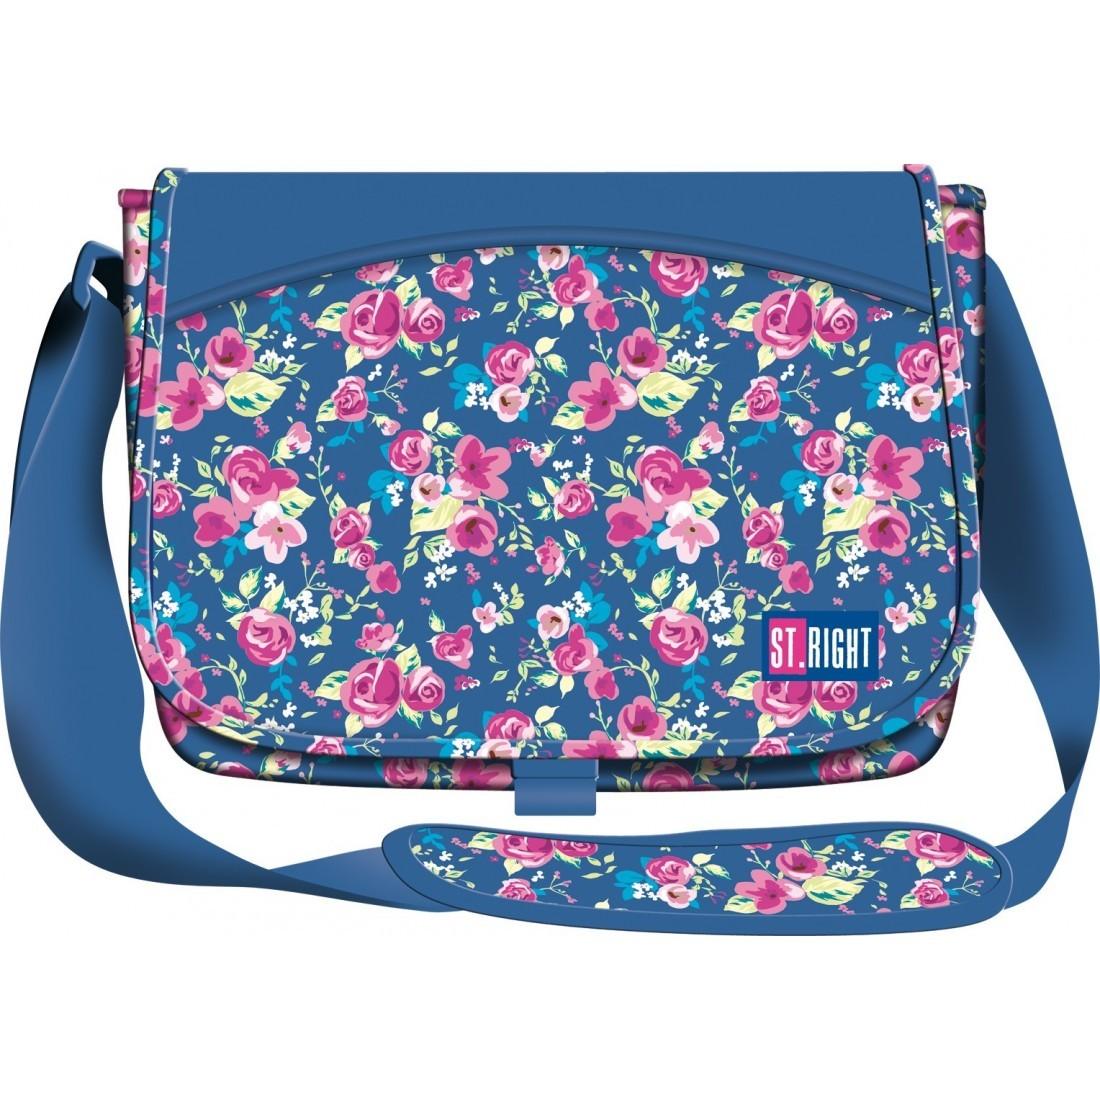 123026ef28612 Torba na ramię   listonoszka 01 ST.RIGHT niebieska w kwiaty FLOWERS 2 NAVY  BLUE